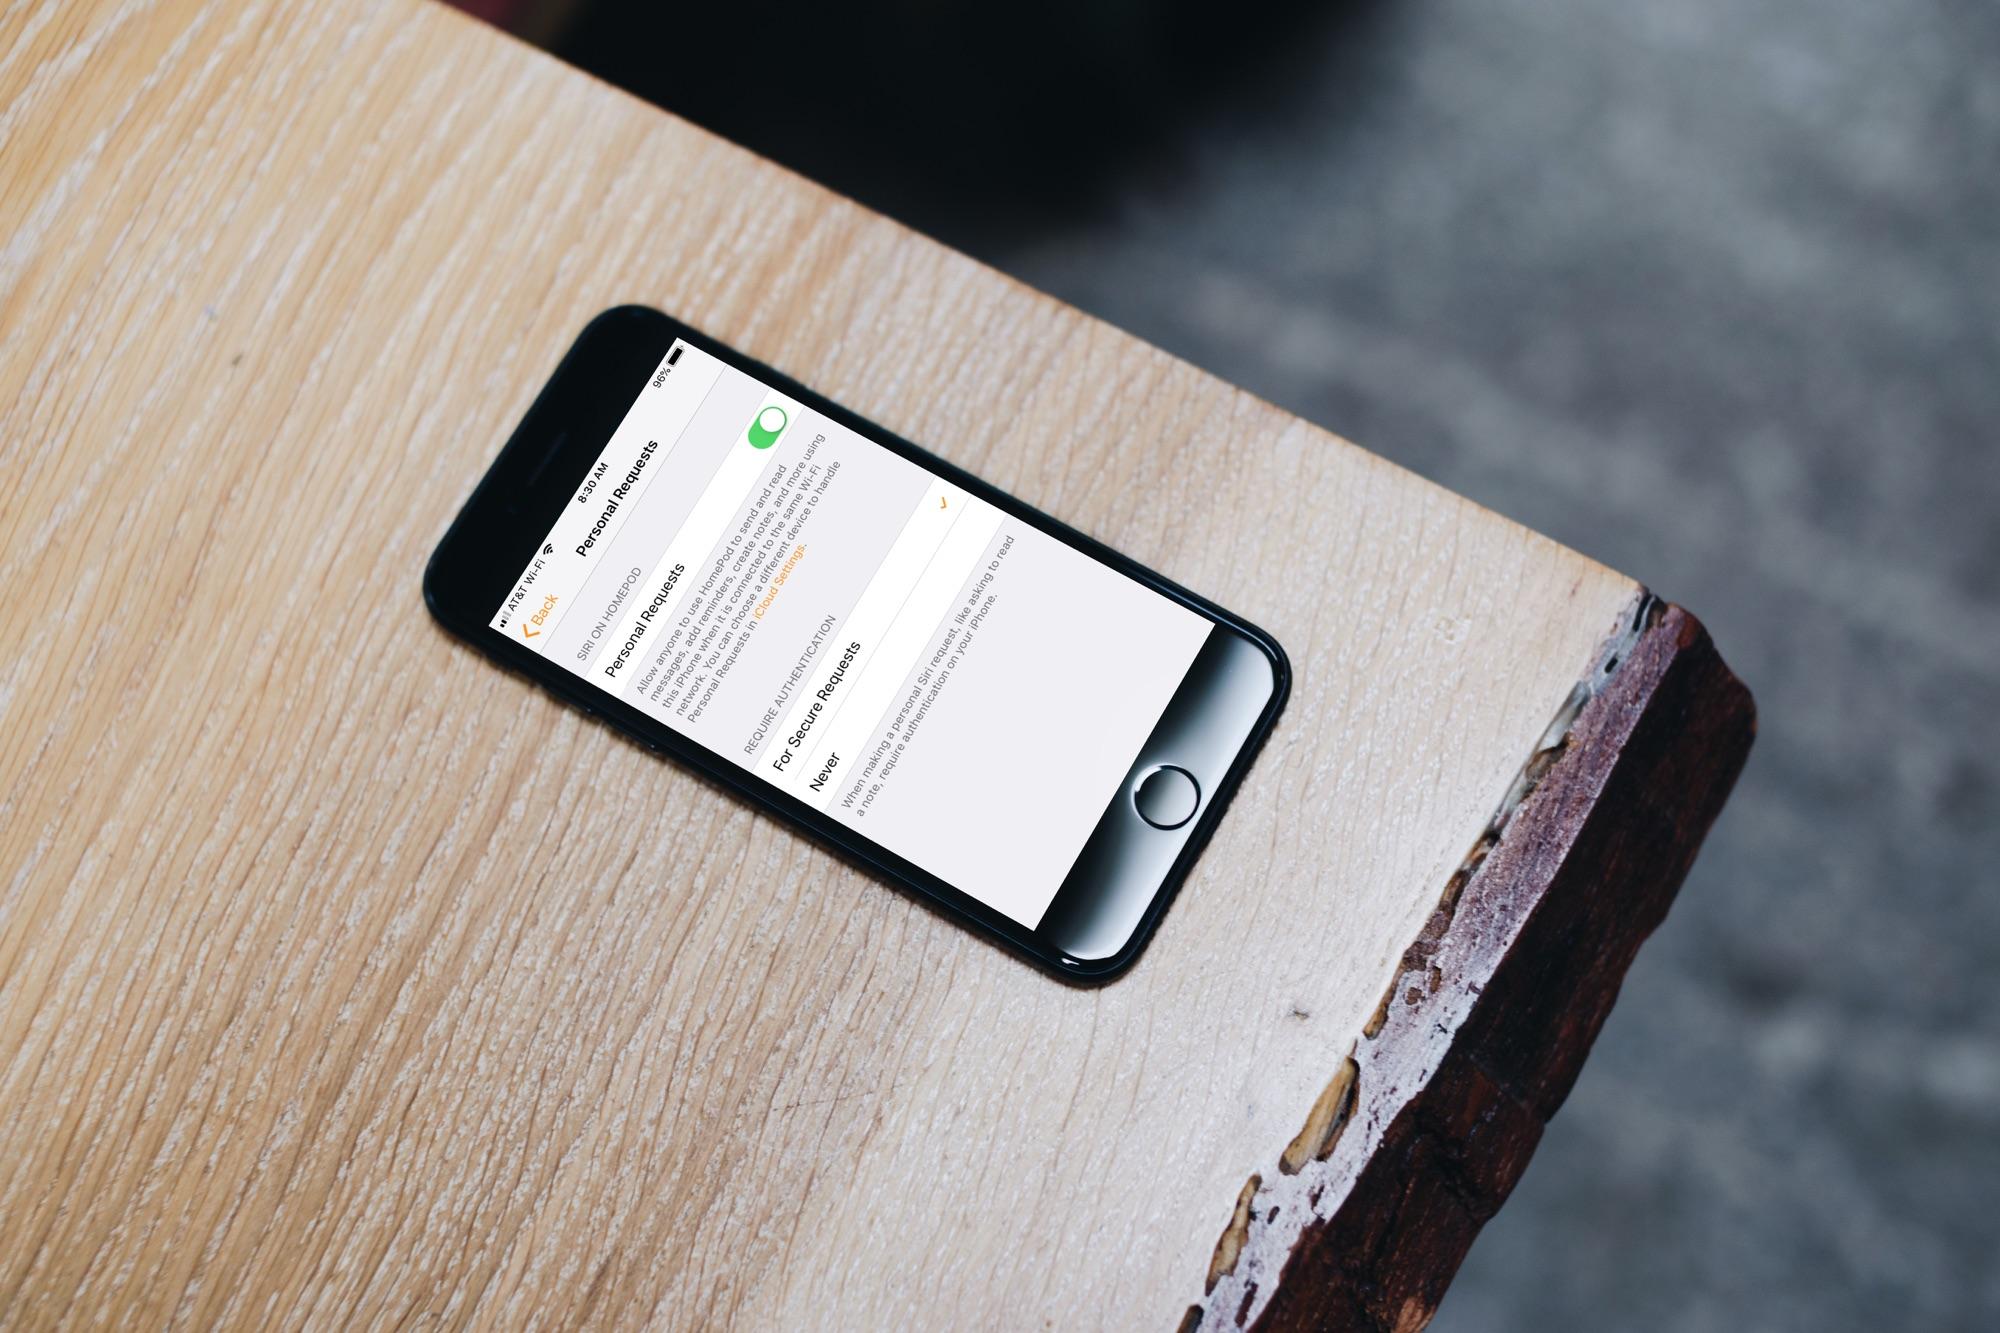 Kuinka ottaa käyttöön ja käyttää Sirin henkilökohtaisia pyyntöjä HomePodilla